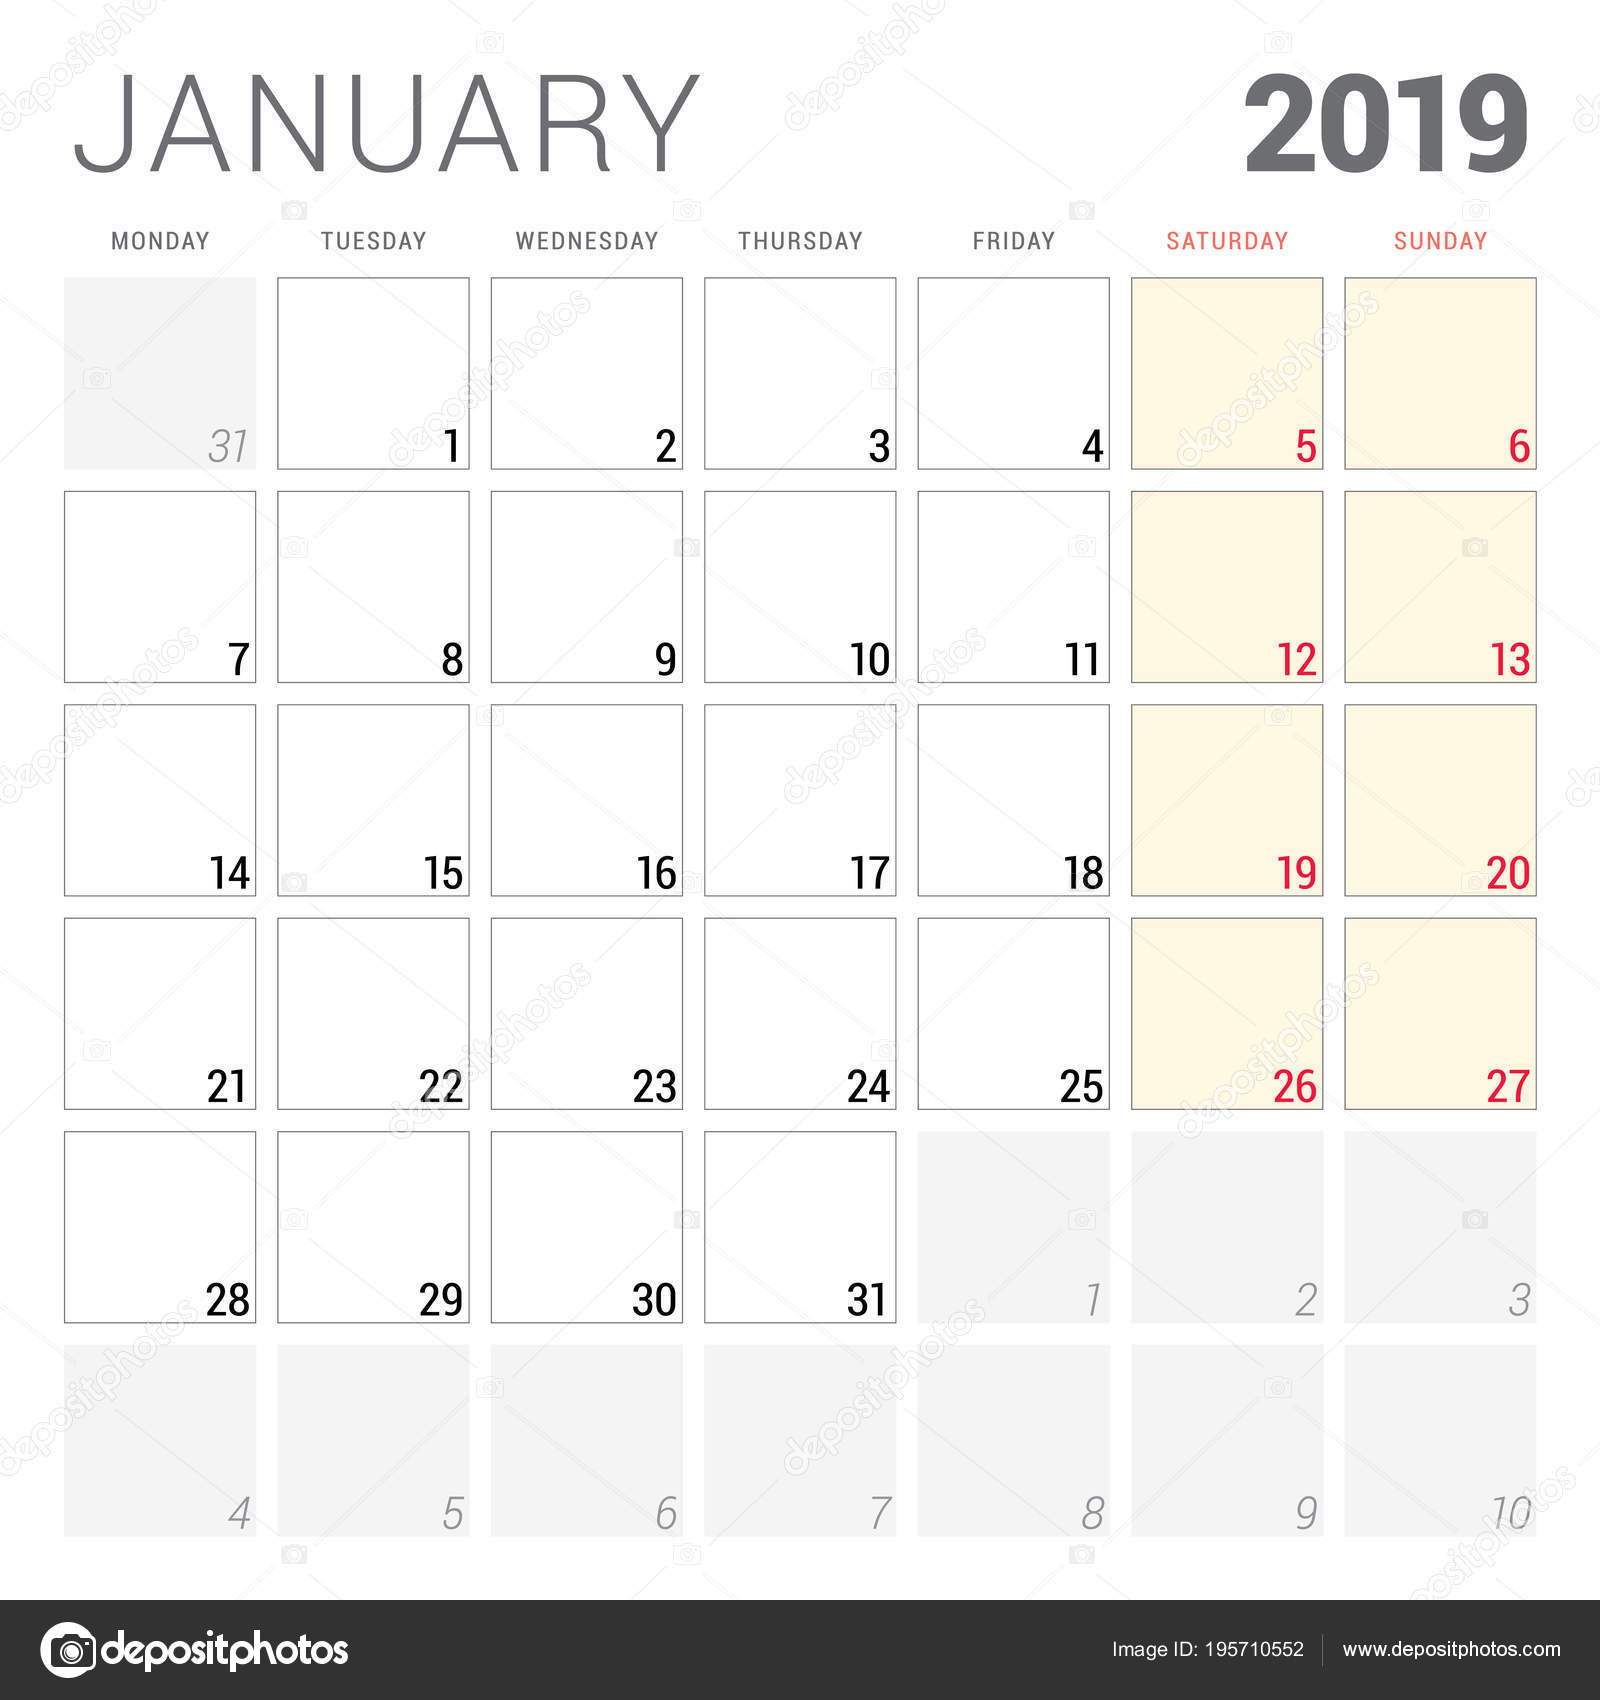 2019 január naptár Naptár tervező január 2019. Hét kezdőnapja a hétfő. Nyomtatható  2019 január naptár